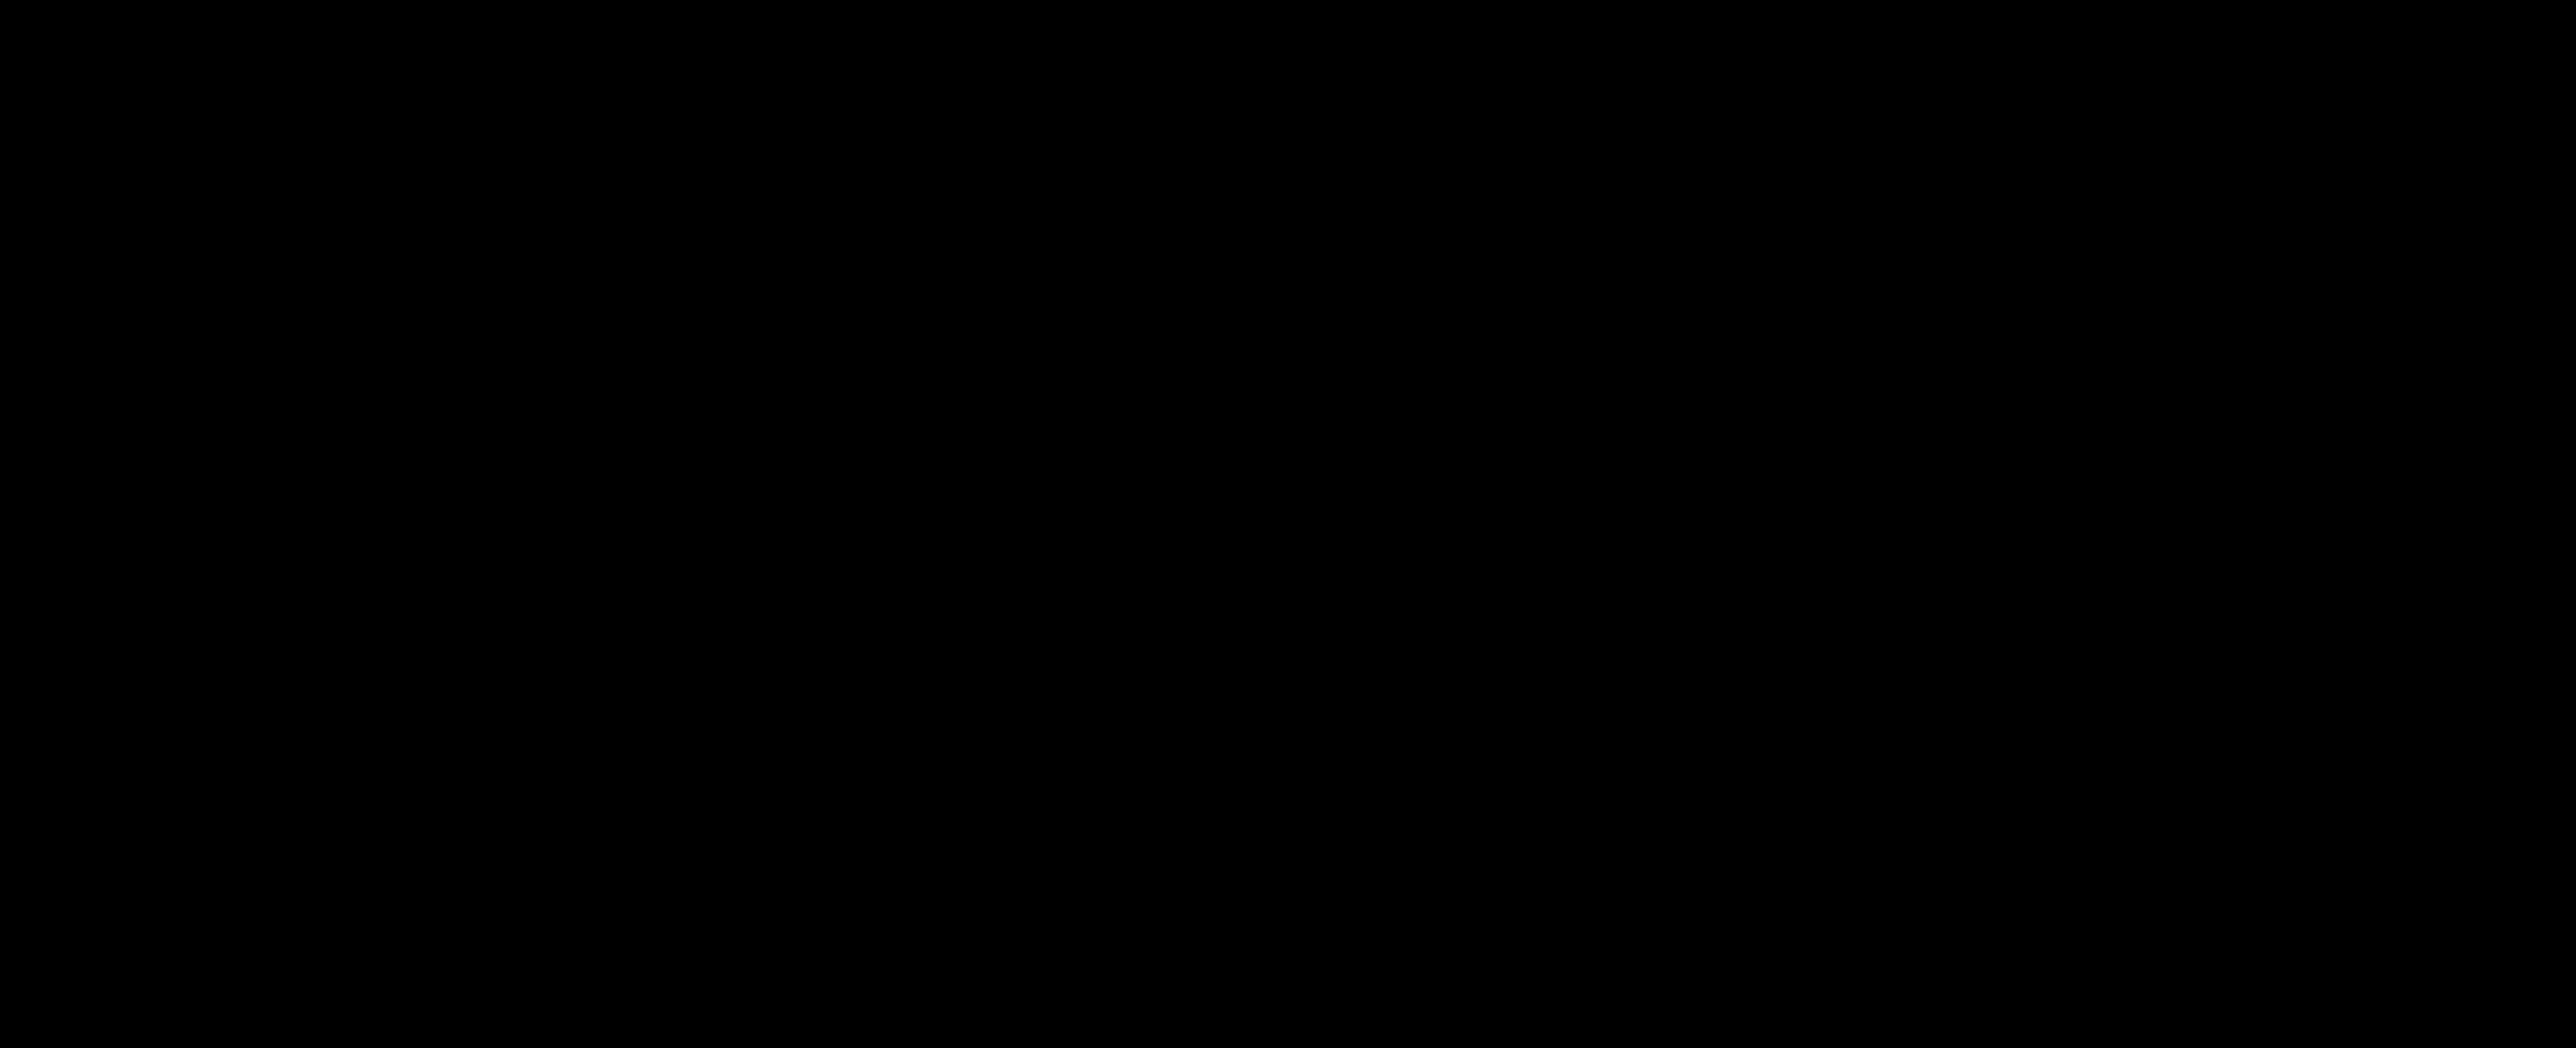 vans logo 1 1 - Vans Logo